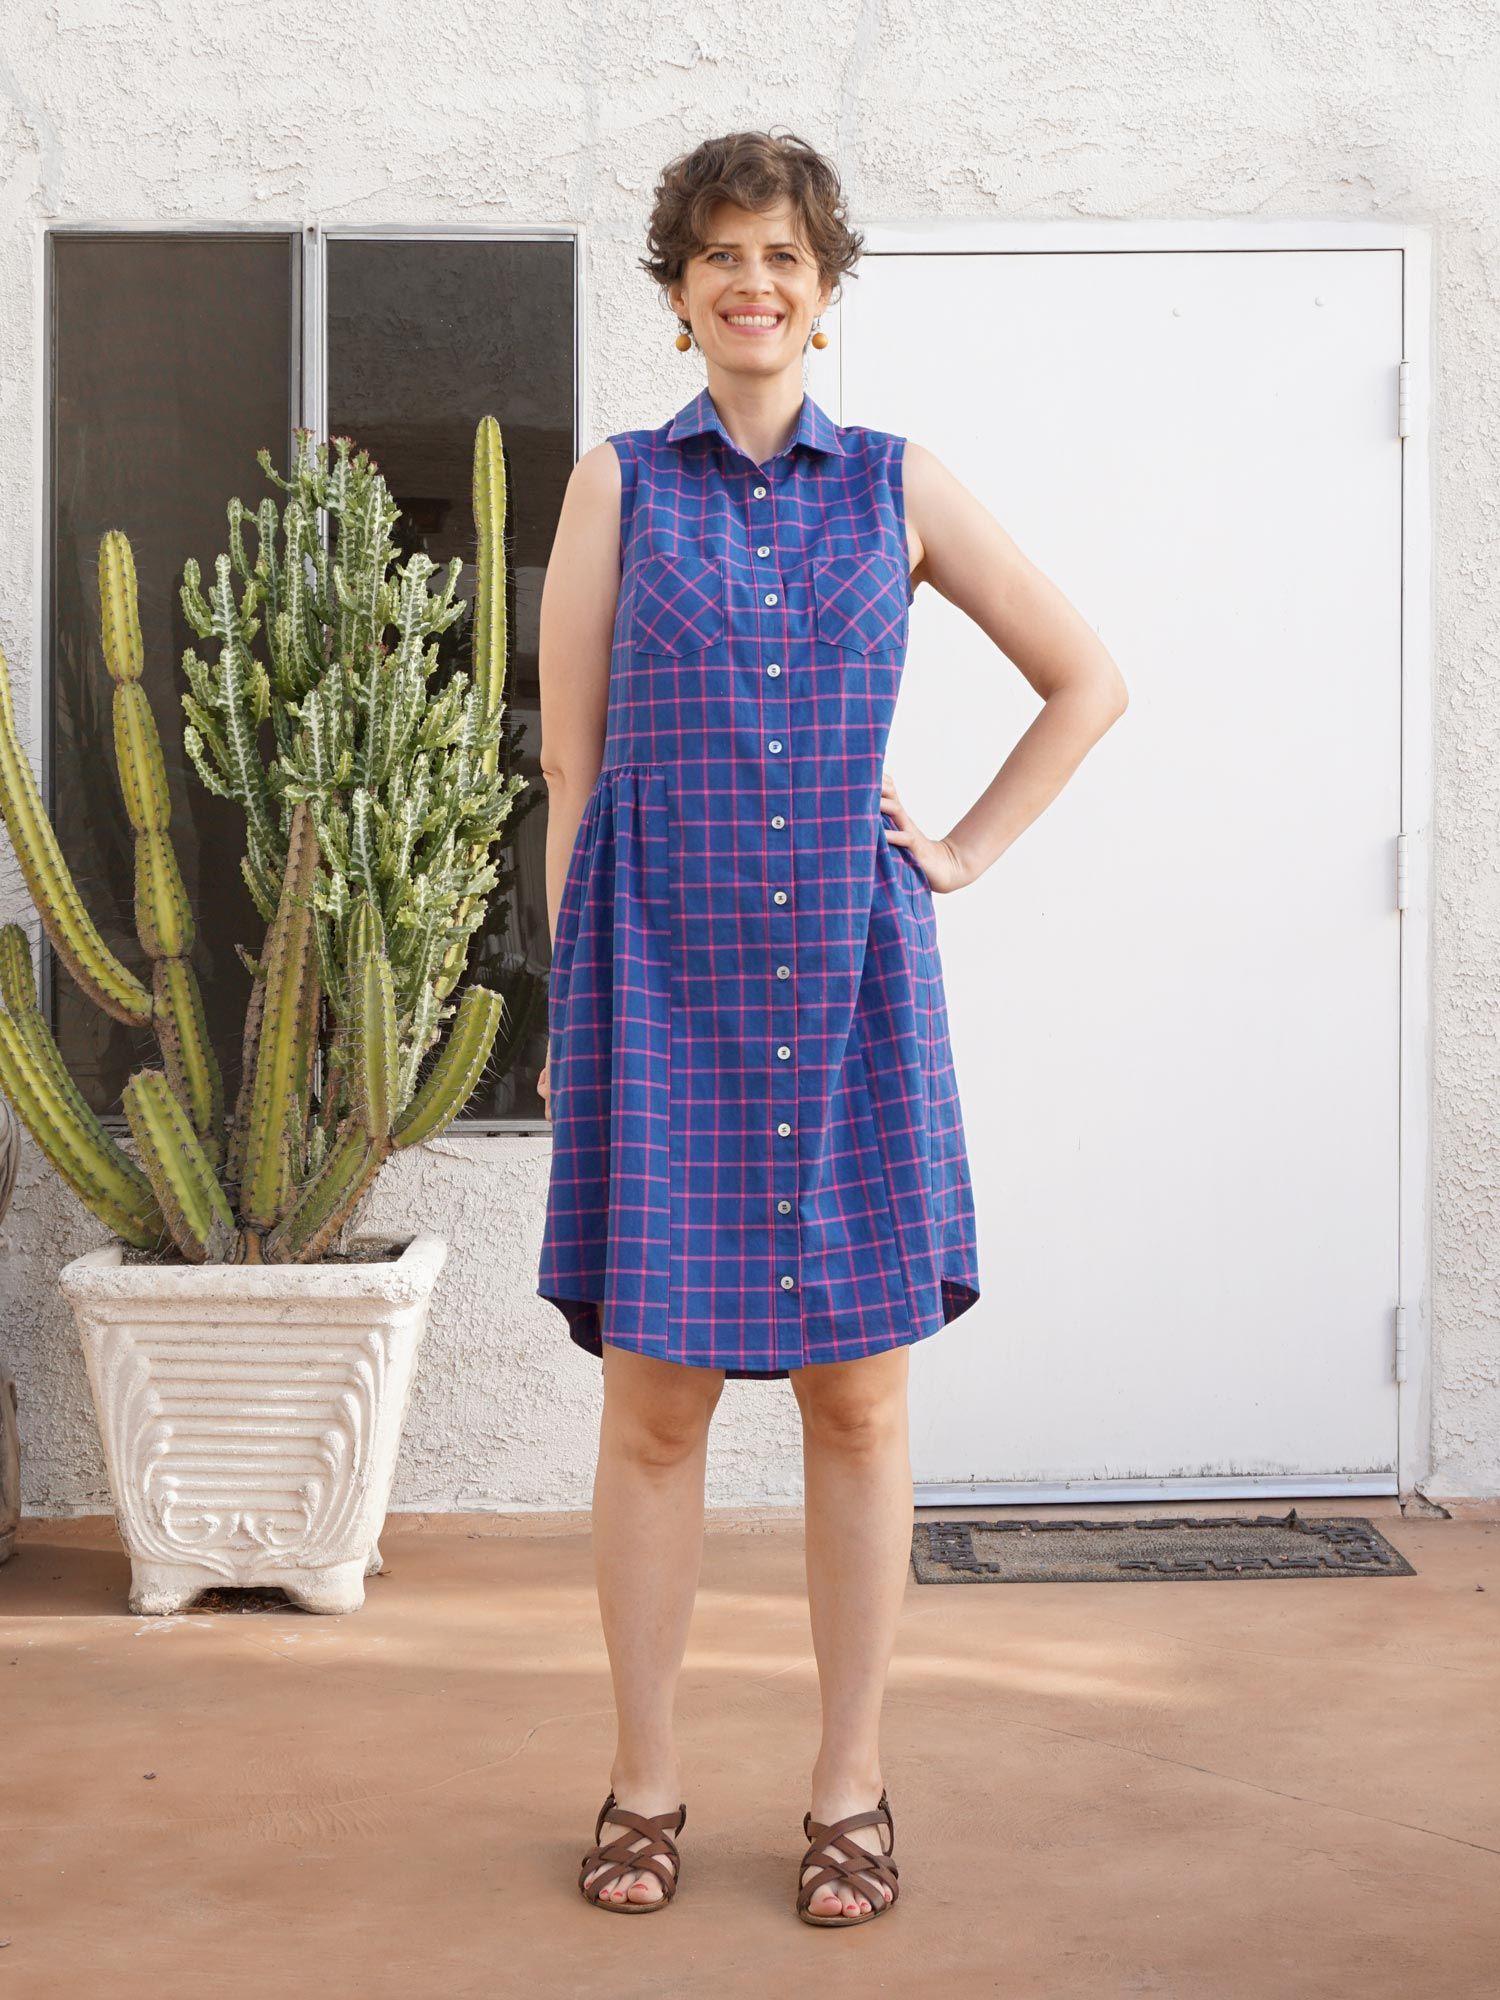 361a9af1111 DIY Check Print Alder Shirtdress